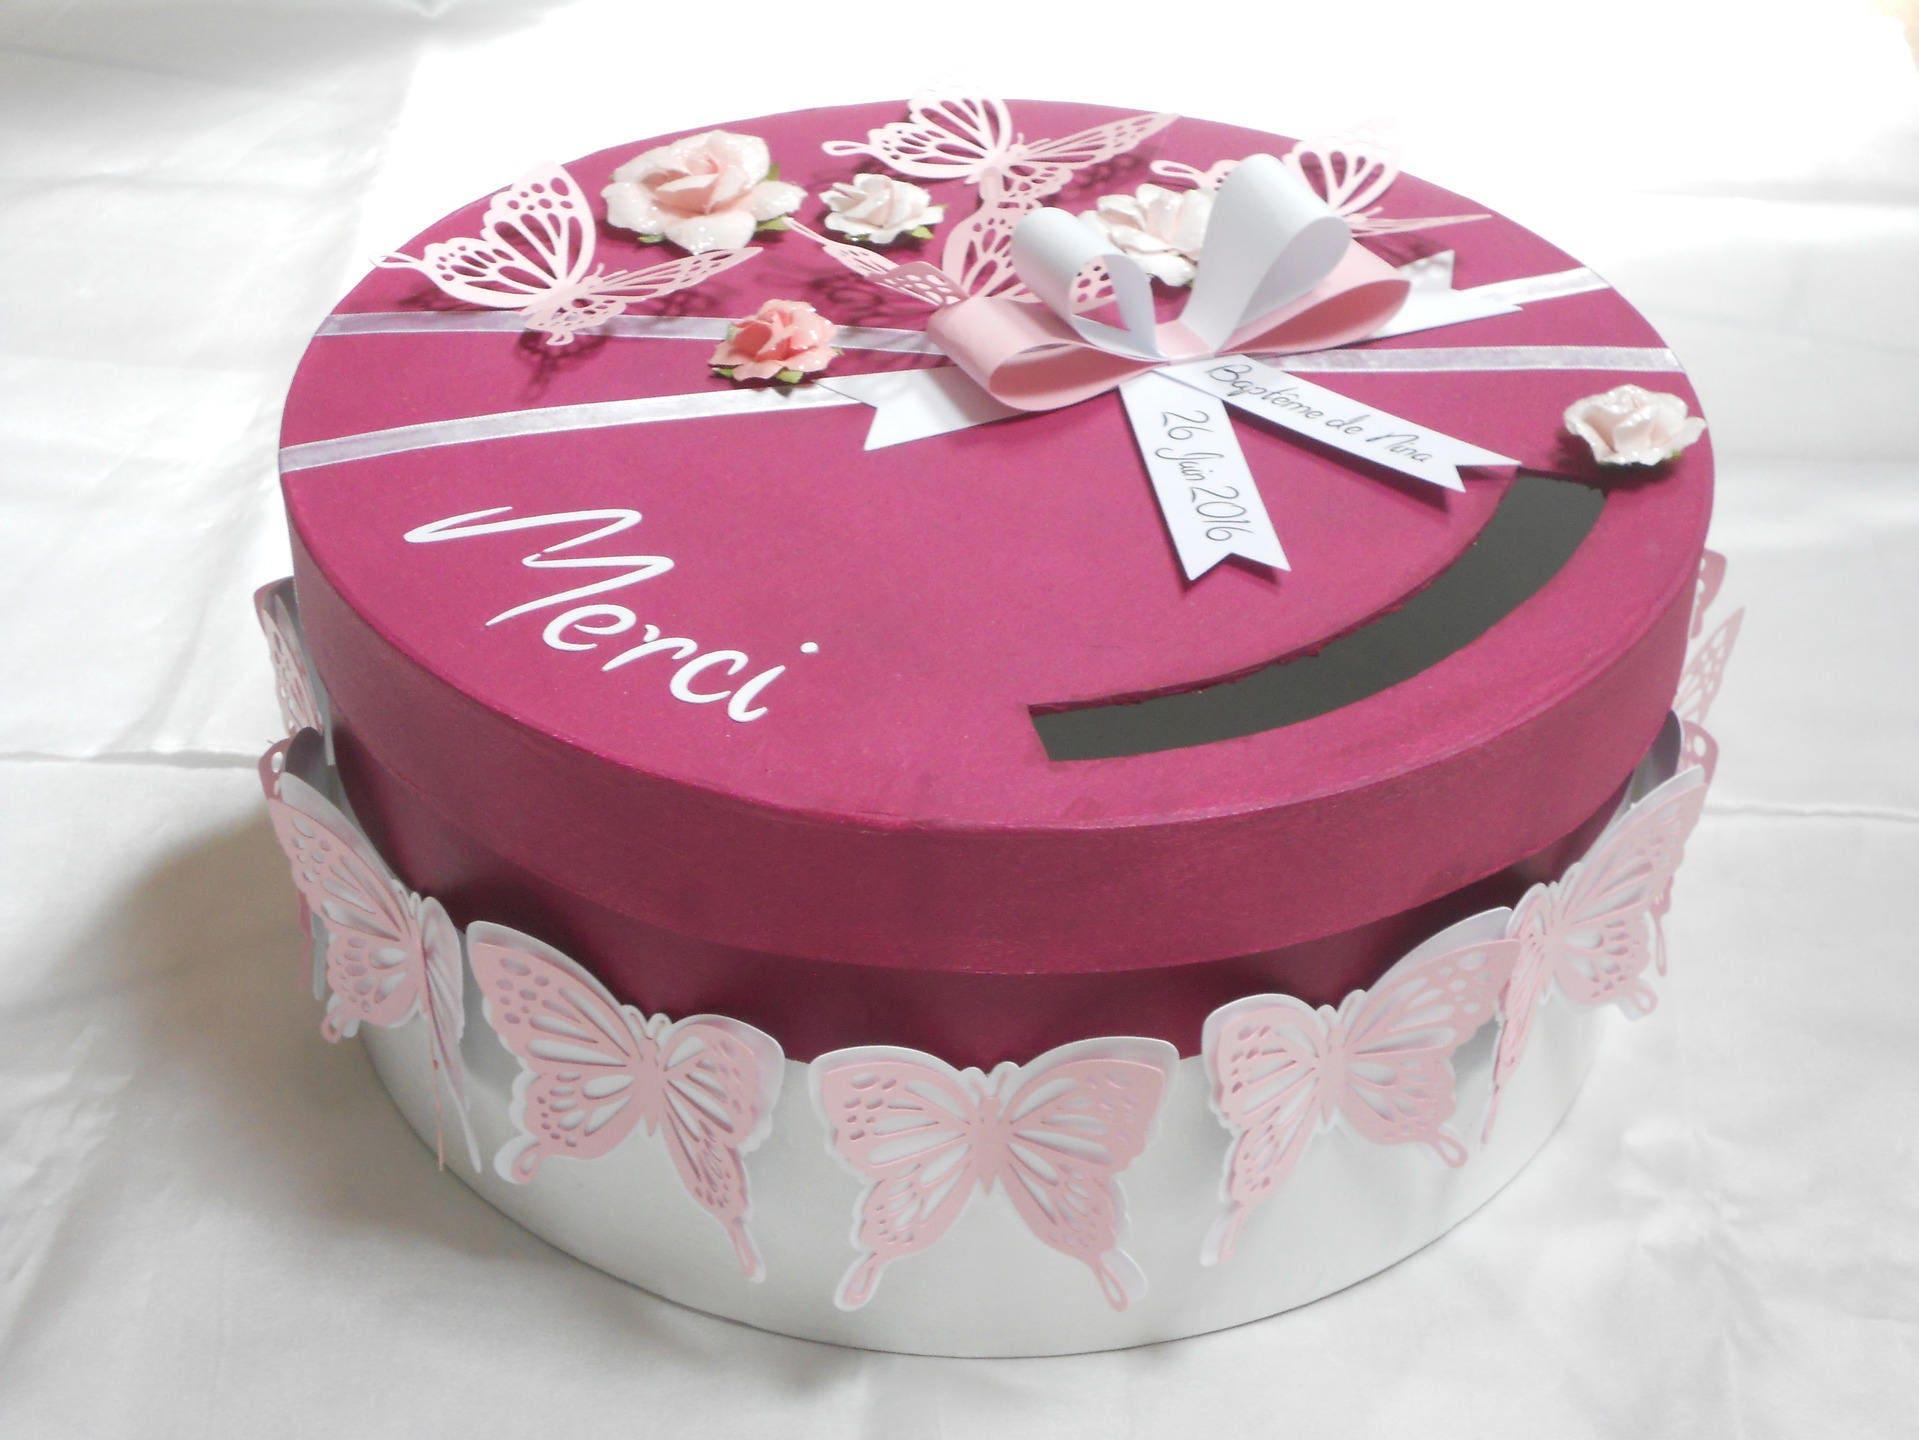 Urne tirelire boite enveloppes ronde mariage bapt me - Decorer boite carton pour anniversaire ...